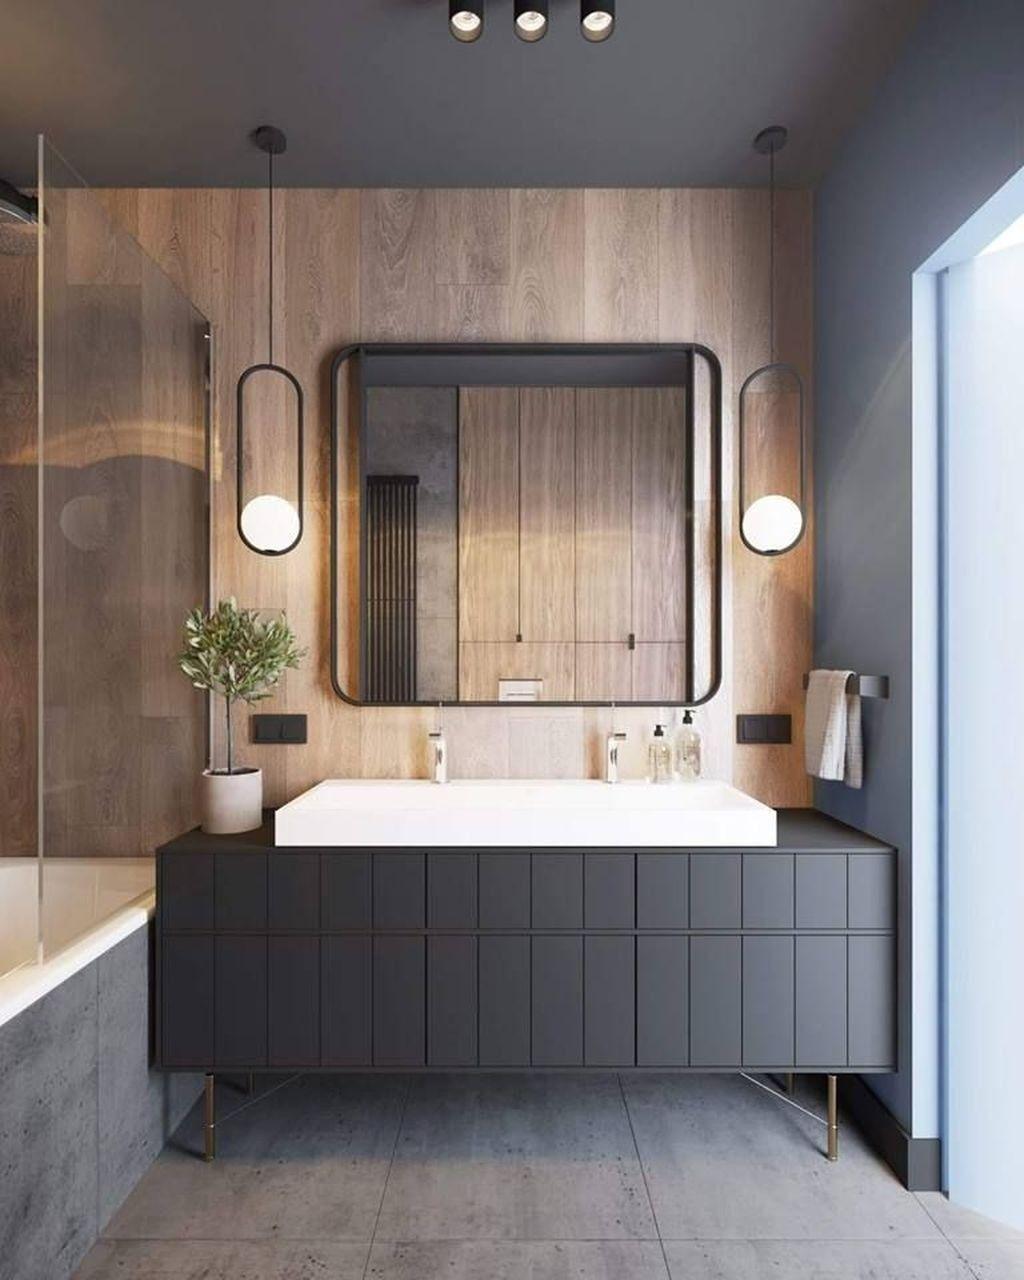 40+ Nice Bathroom Mirror Design Ideas For Any Bathroom